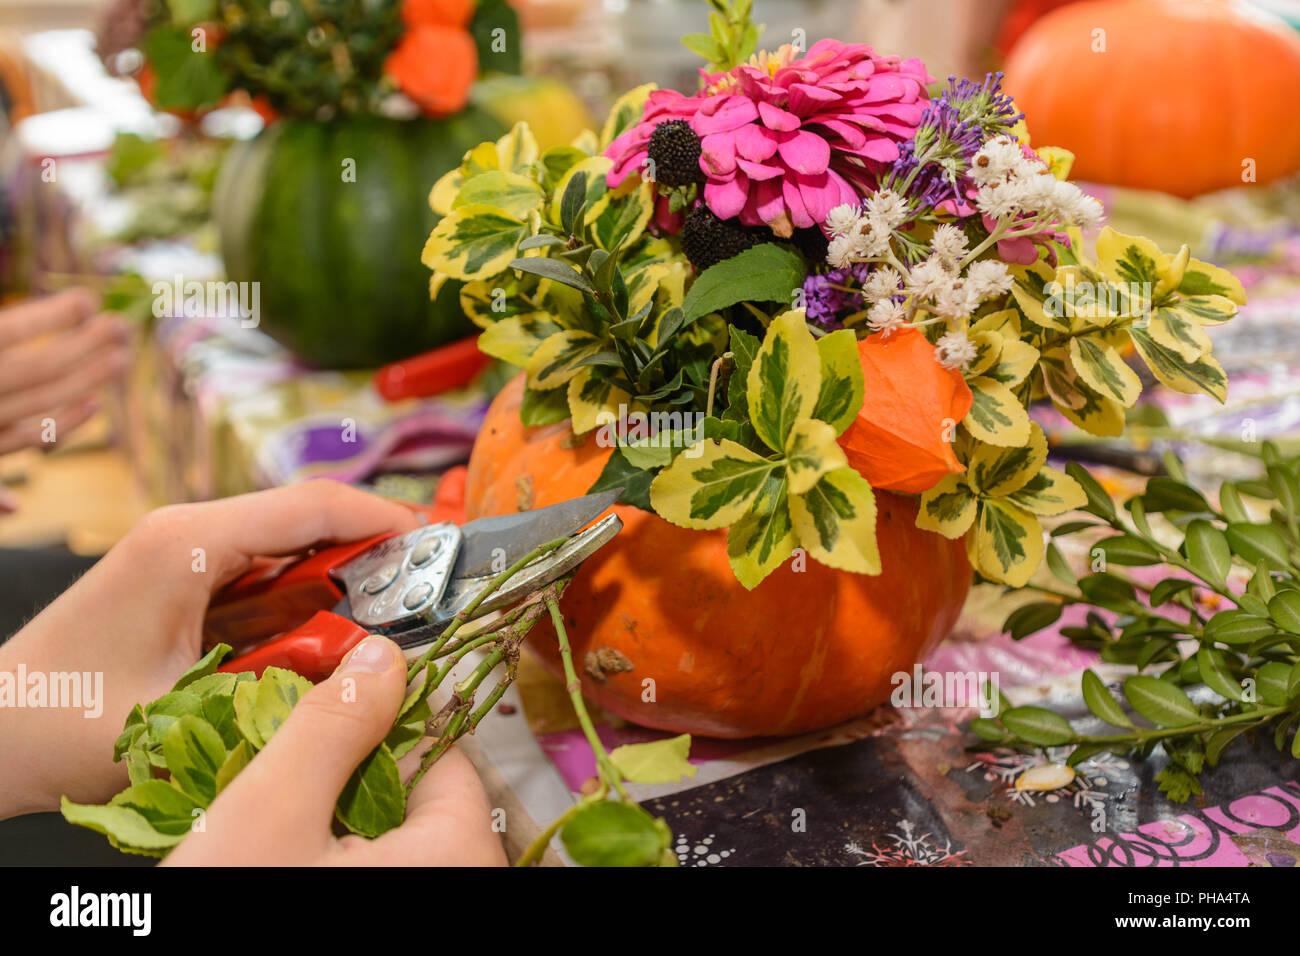 Floristería Diseño Colorido Arreglo Floral Otoñal Foto